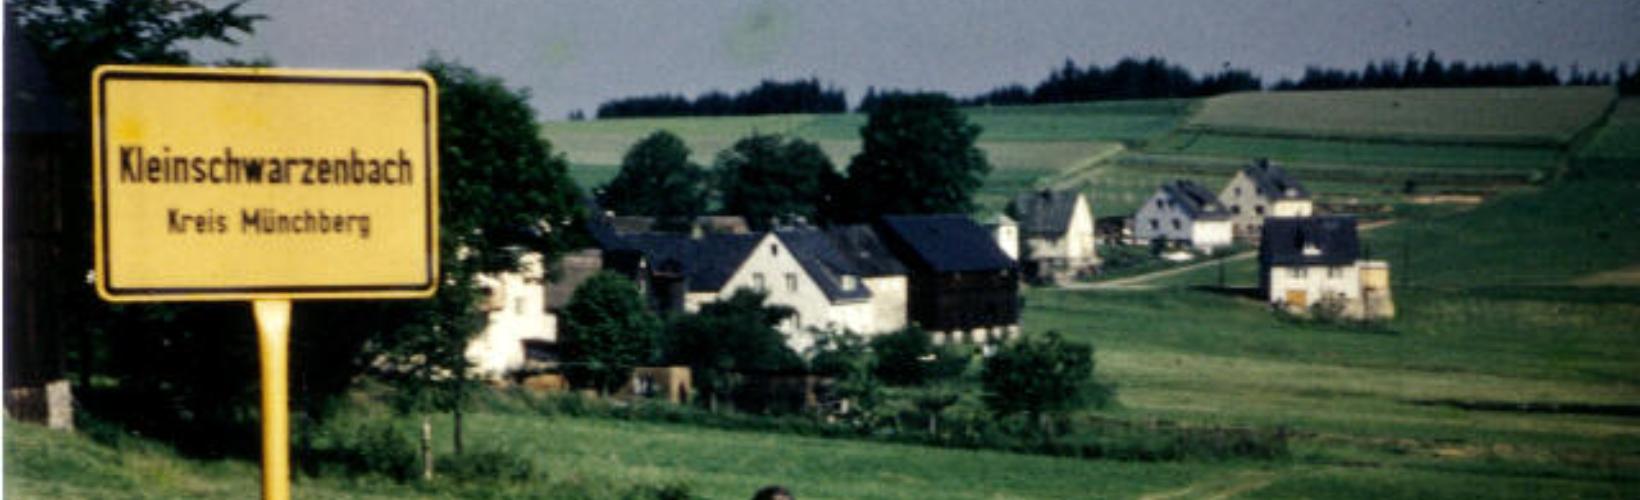 600 Jahre Kleinschwarzenbach